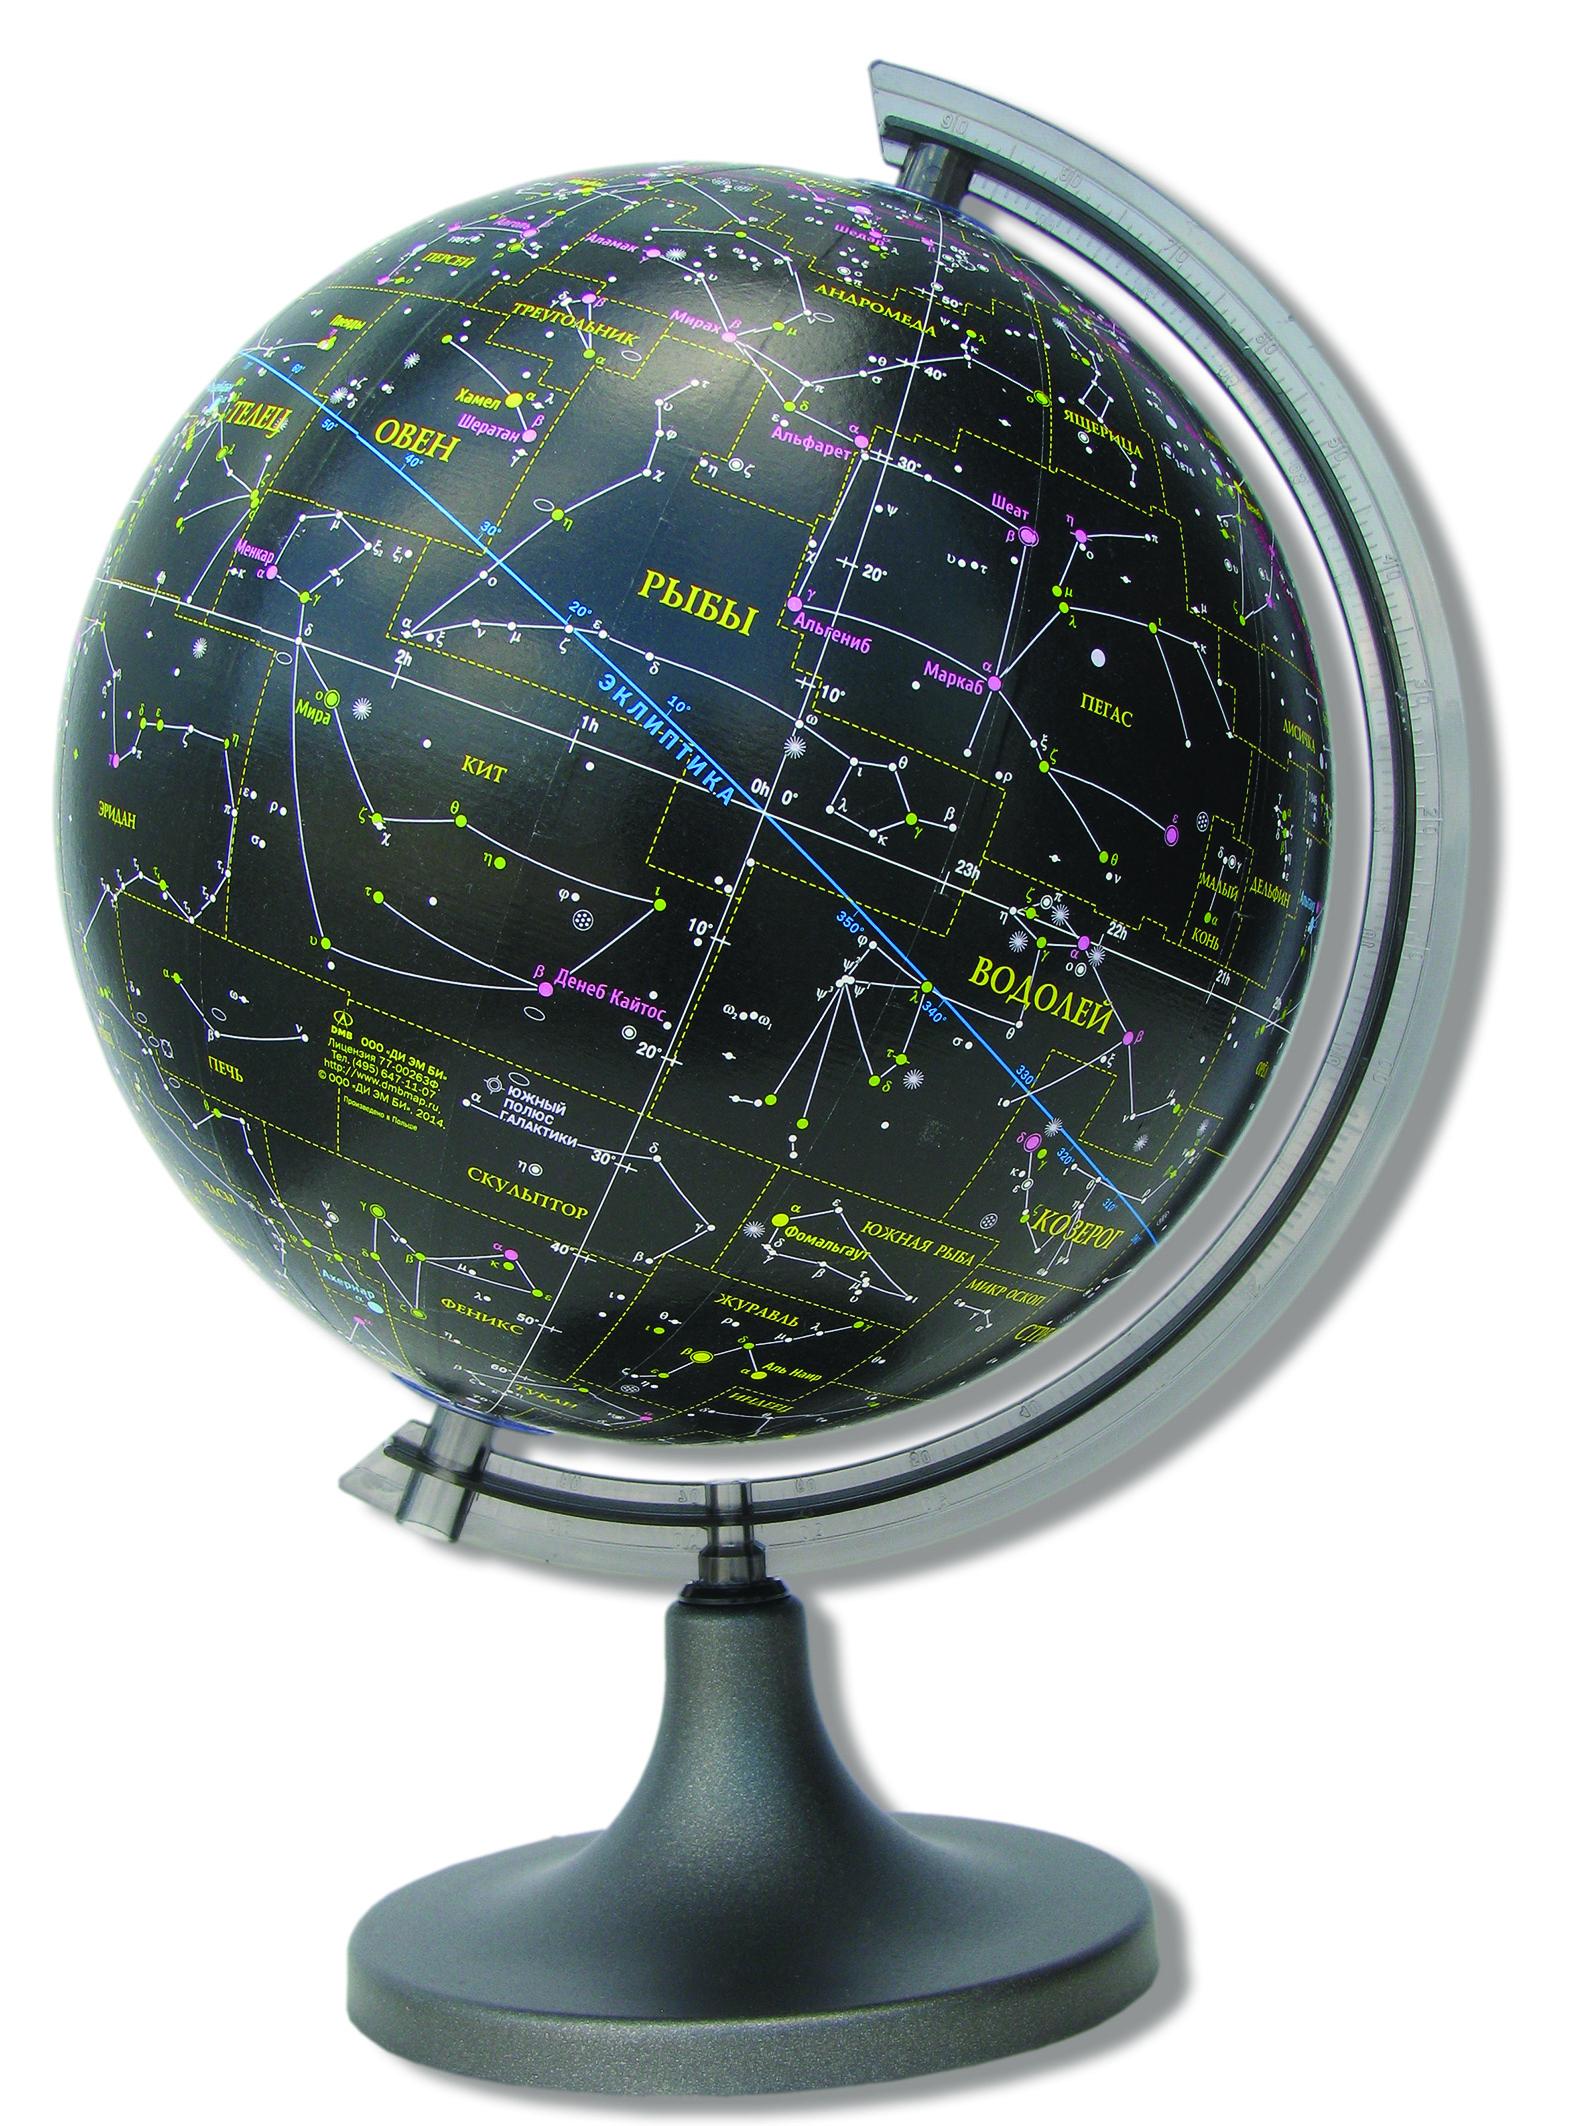 Глобус DMB Звездное небо, диаметр 25 смОСН1234012Глобус DMB Звездное небо, изготовленный из высококачественногопрочного пластика, поможет вам в изучении астрономии. Изделие расположено на подставке. Наша небесная сфера разделена на участки со скоплением звезд. Эти участки называются созвездиями. В древности созвездиями назывались характерные фигуры, образуемые яркими звездами. Именно эти созвездия в виде фигур отображаются на глобусе в той последовательности, в которой они находятся на звездном небе.Настольный глобус DMB Звездное небо станет оригинальным украшением рабочего стола или вашего кабинета. Это изысканная вещь для стильного интерьера, которая станет прекрасным подарком для современного преуспевающего человека, следующего последним тенденциям моды и стремящегося к элегантности и комфорту в каждой детали.Высота глобуса с подставкой: 40 см.Диаметр глобуса: 25 см.